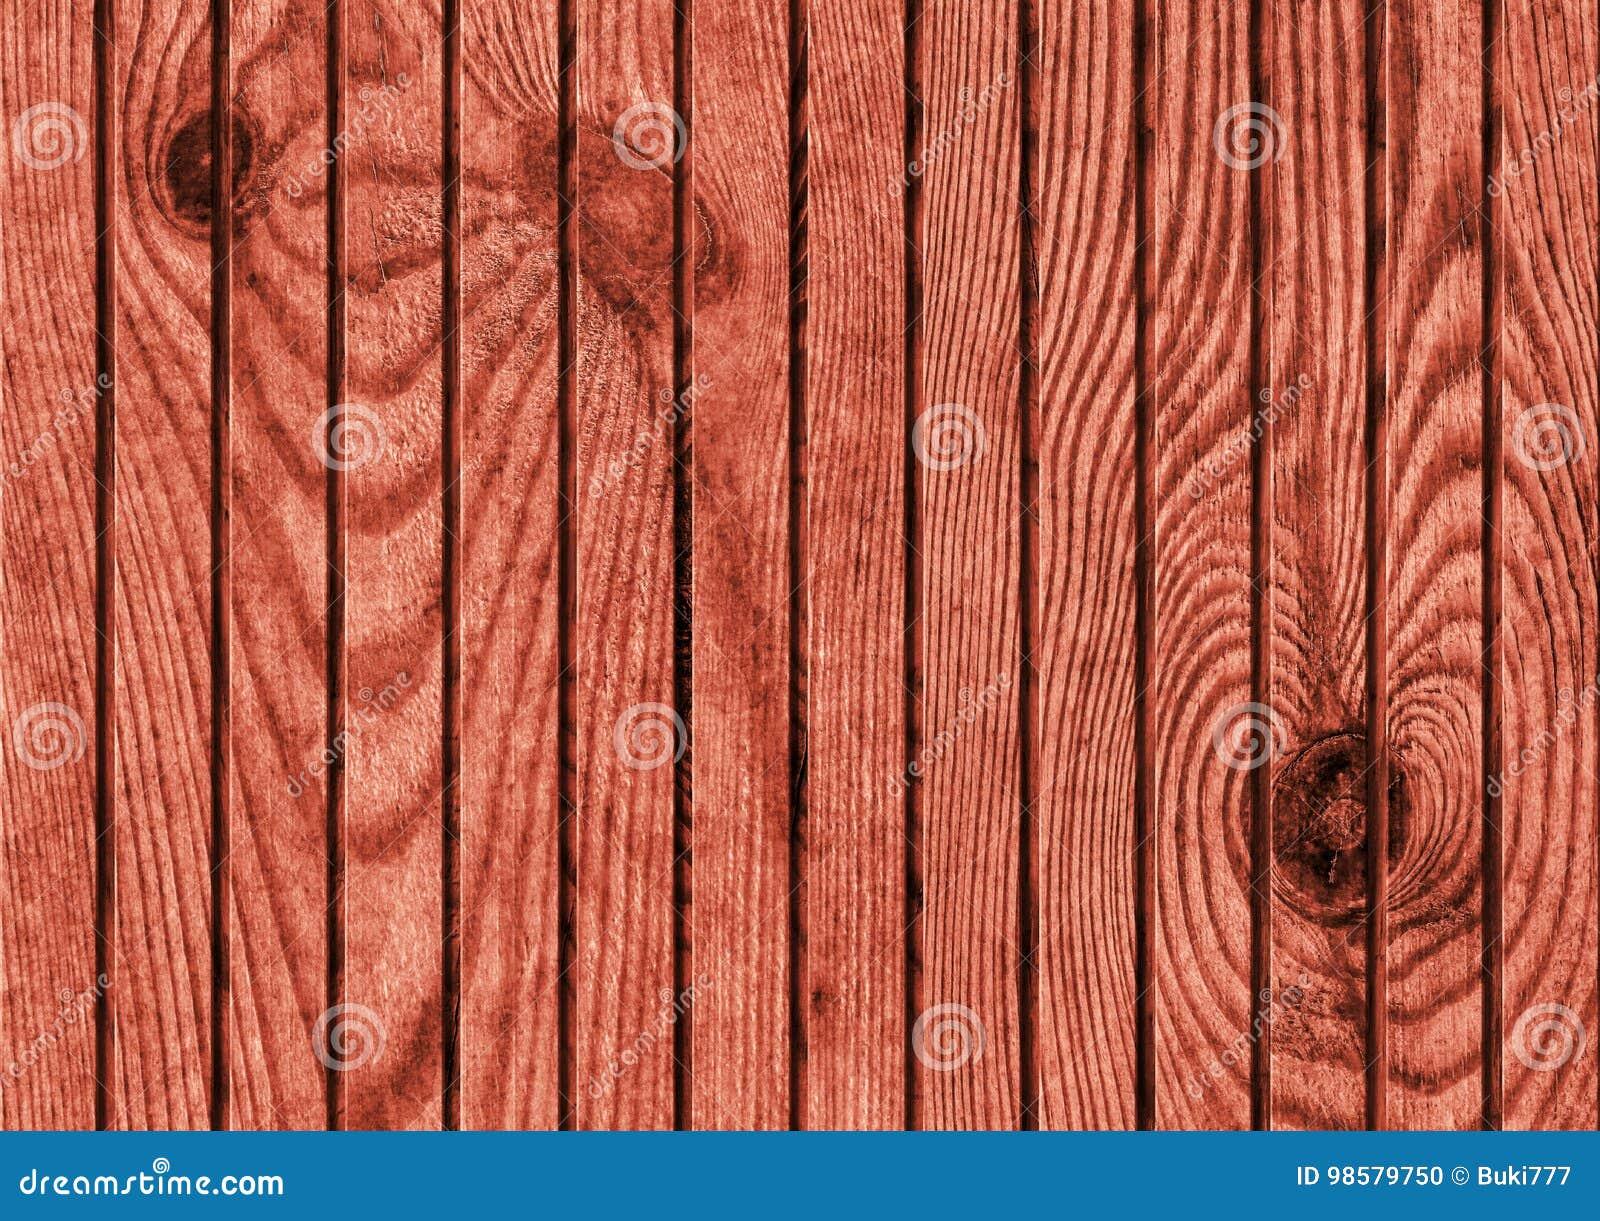 Old Rustic Maroon Red Pine Wood Flooring Grunge Texture